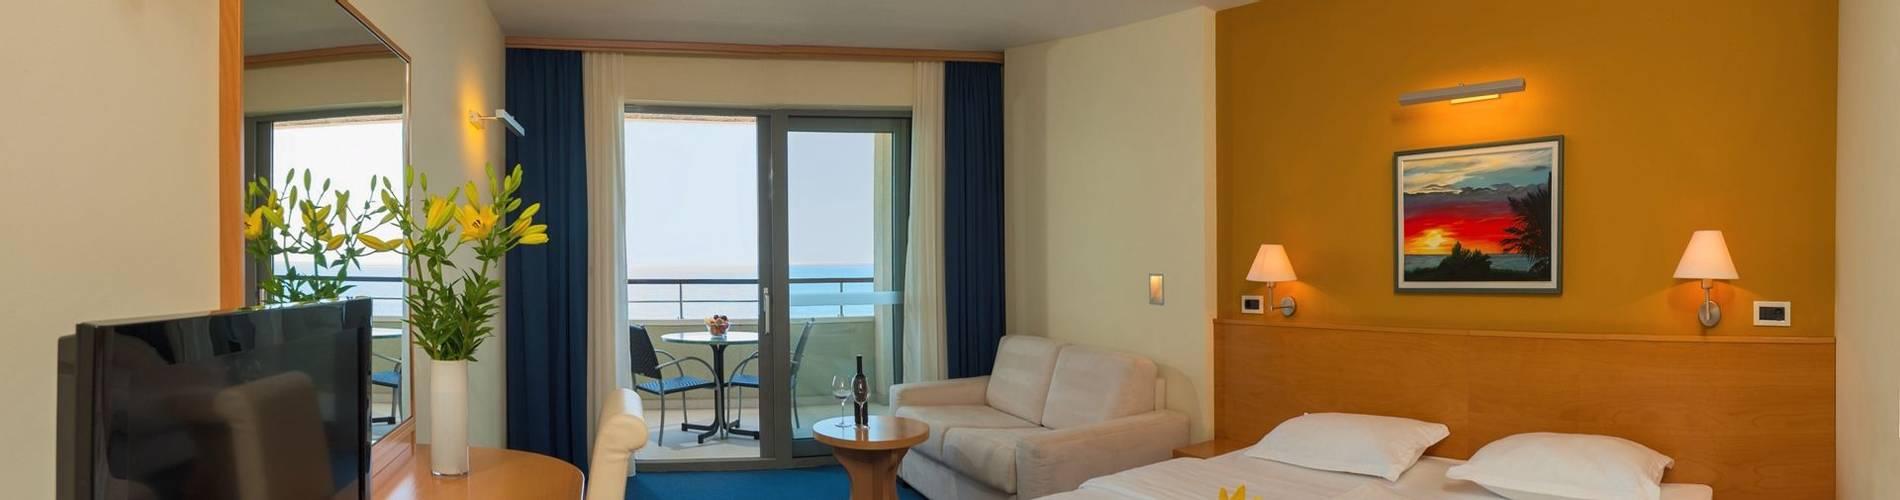 premium room1.jpg